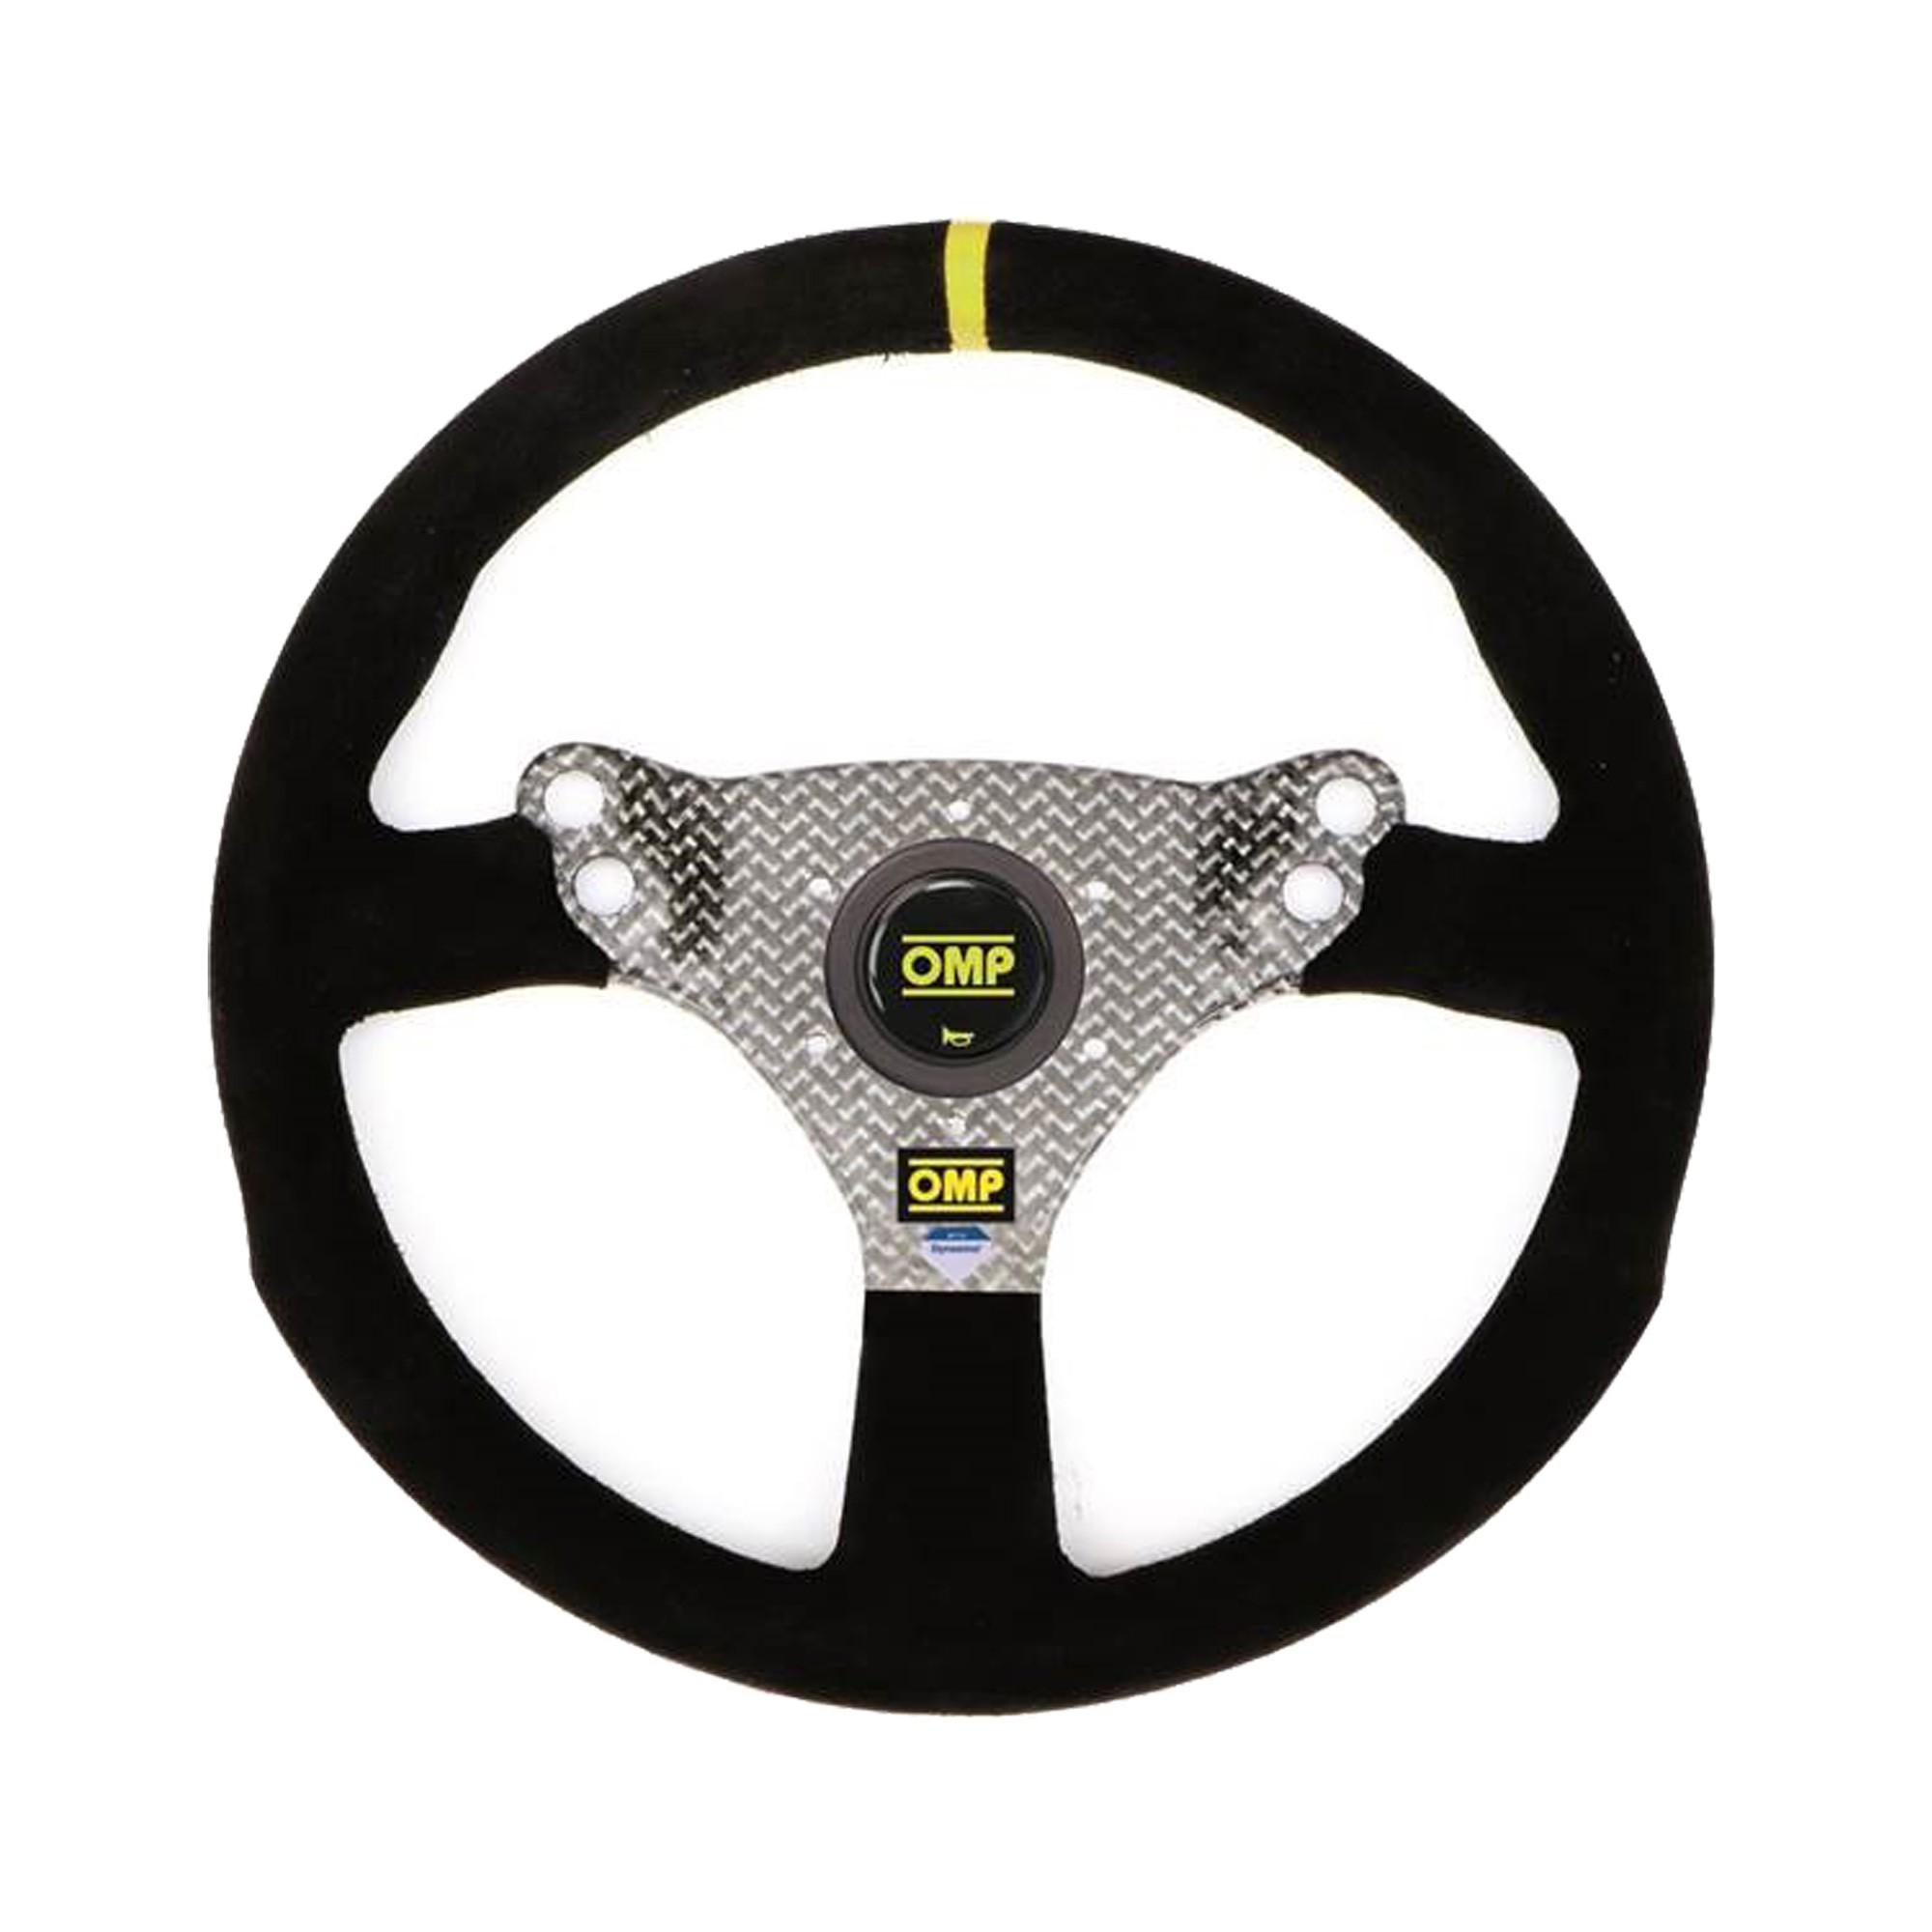 Racing steering wheel - 320 HYBRID S